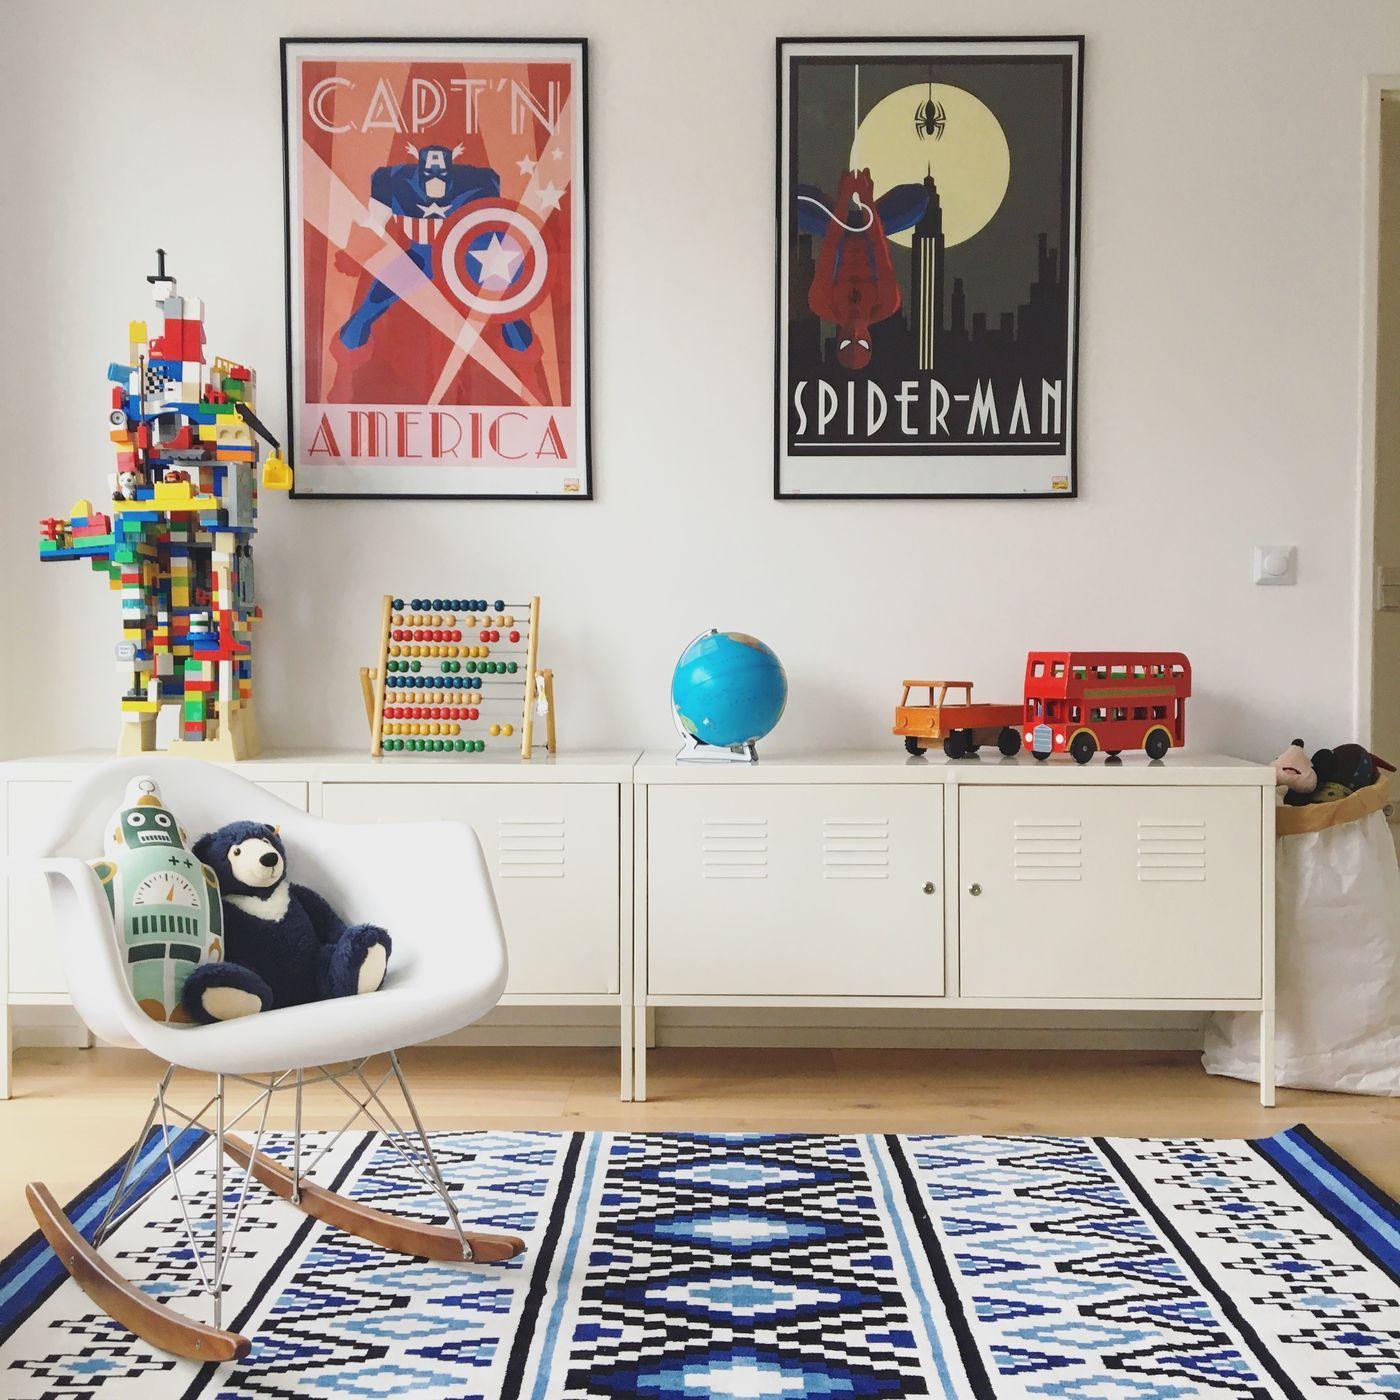 Full Size of Kinderzimmer Regal Regale Weiß Sofa Wohnzimmer Wandgestaltung Kinderzimmer Jungen